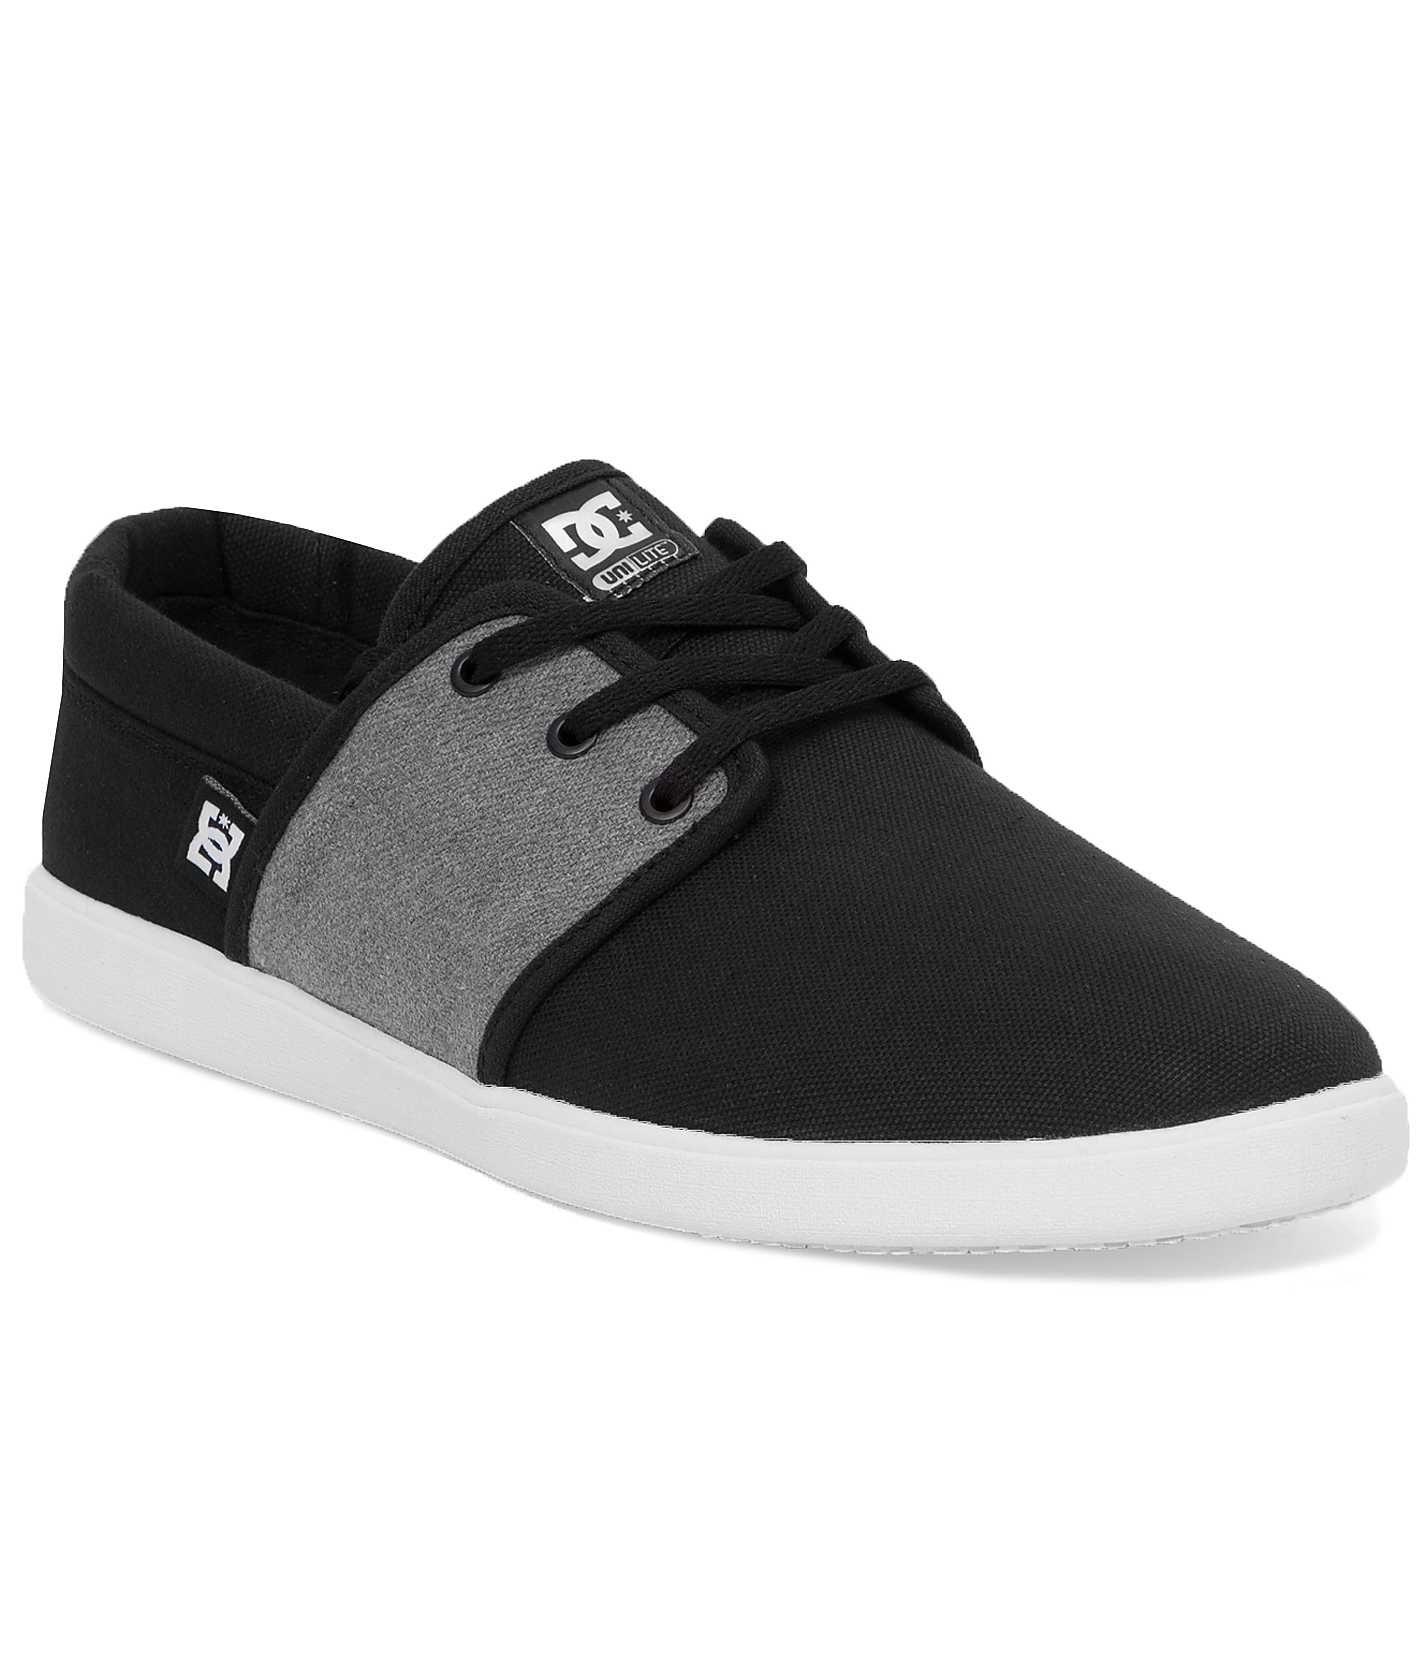 DC Shoes Haven Shoe   Dc shoes, Shoes